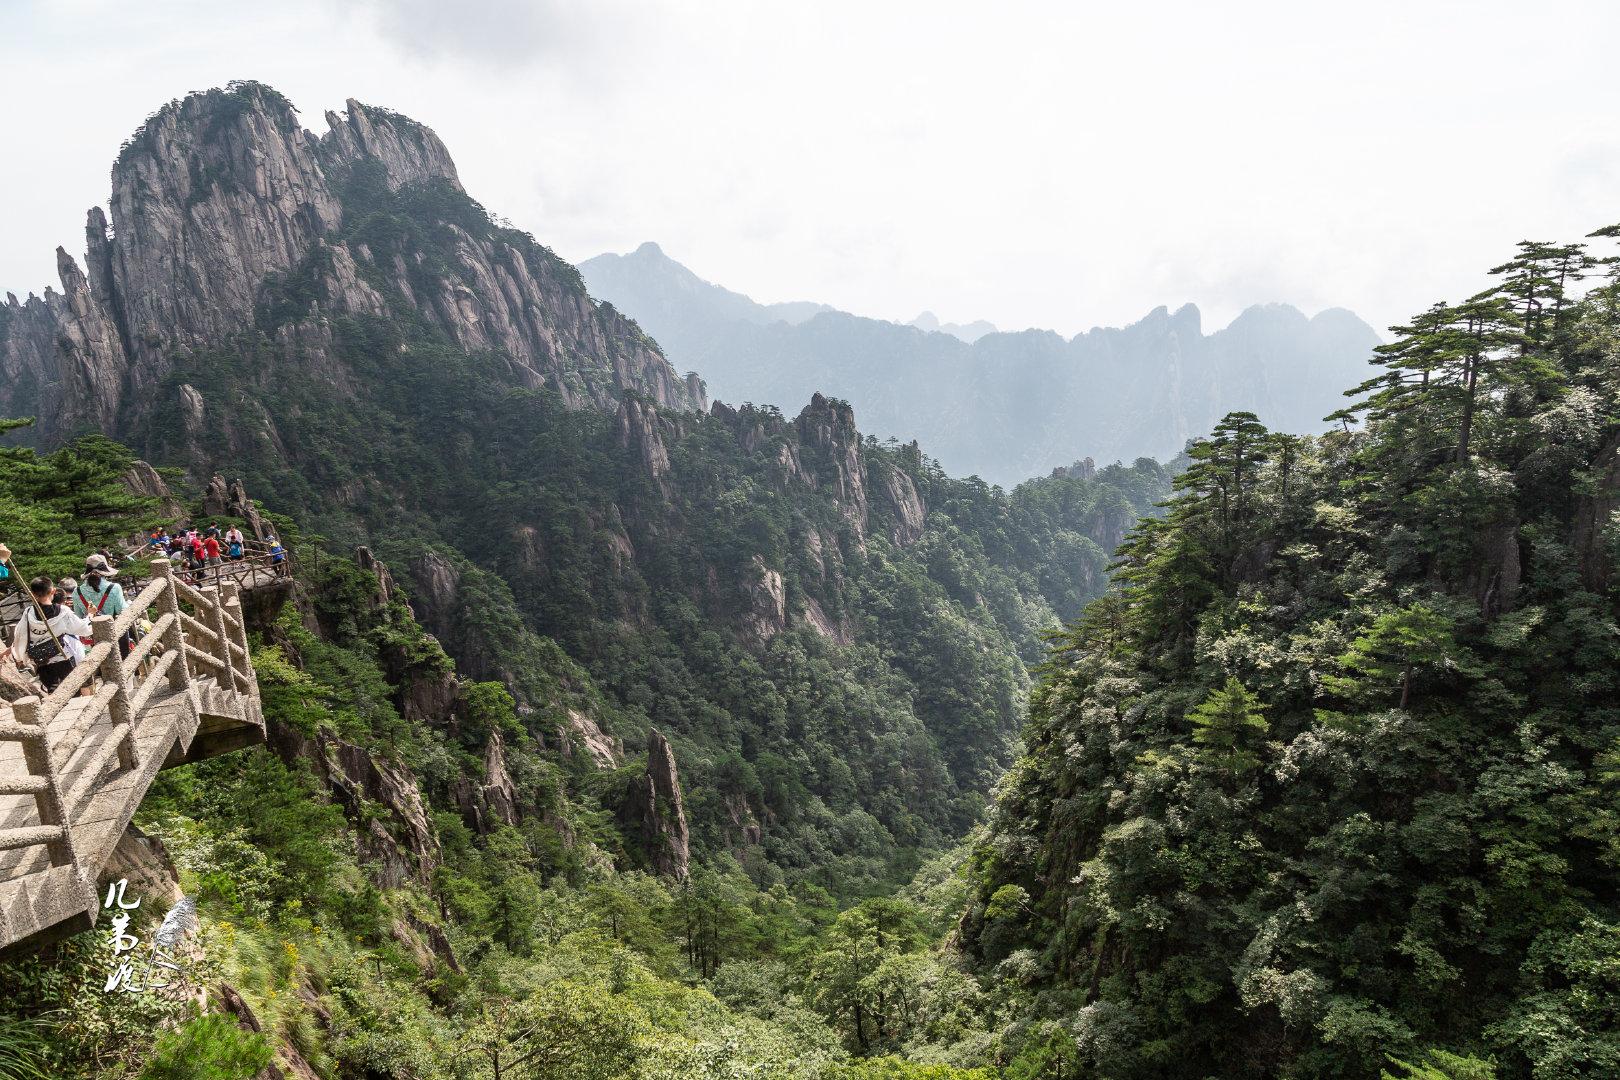 无需多言的黄山(一)《送温处士归黄山白鹅峰旧居》——李白 黄山